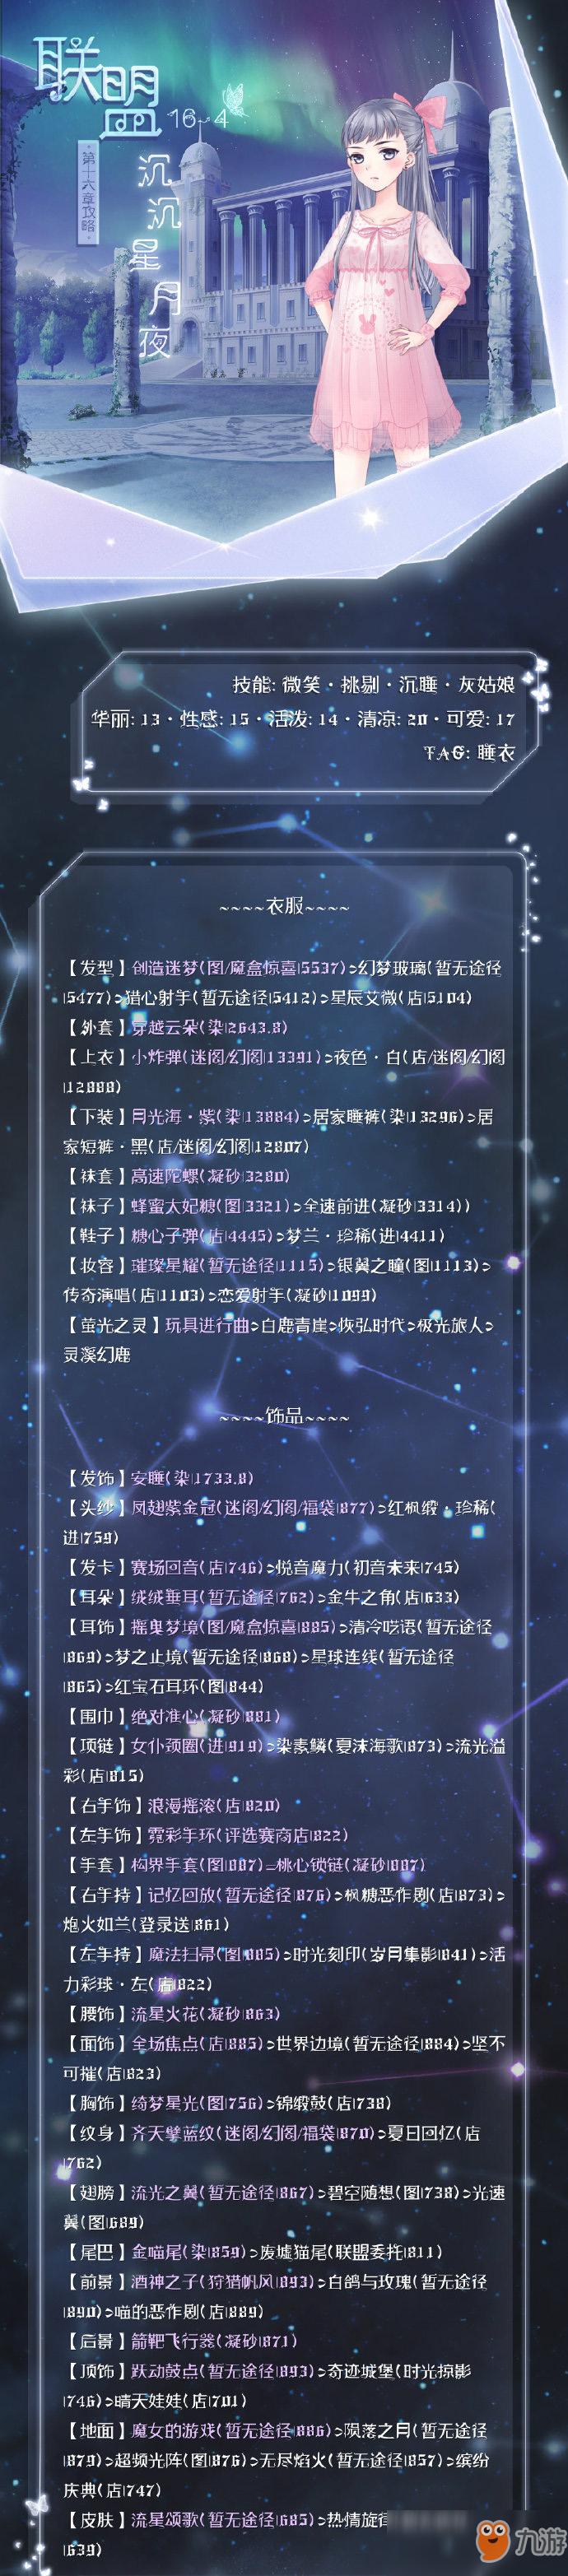 《奇迹暖暖》【联盟委托】16-4攻略